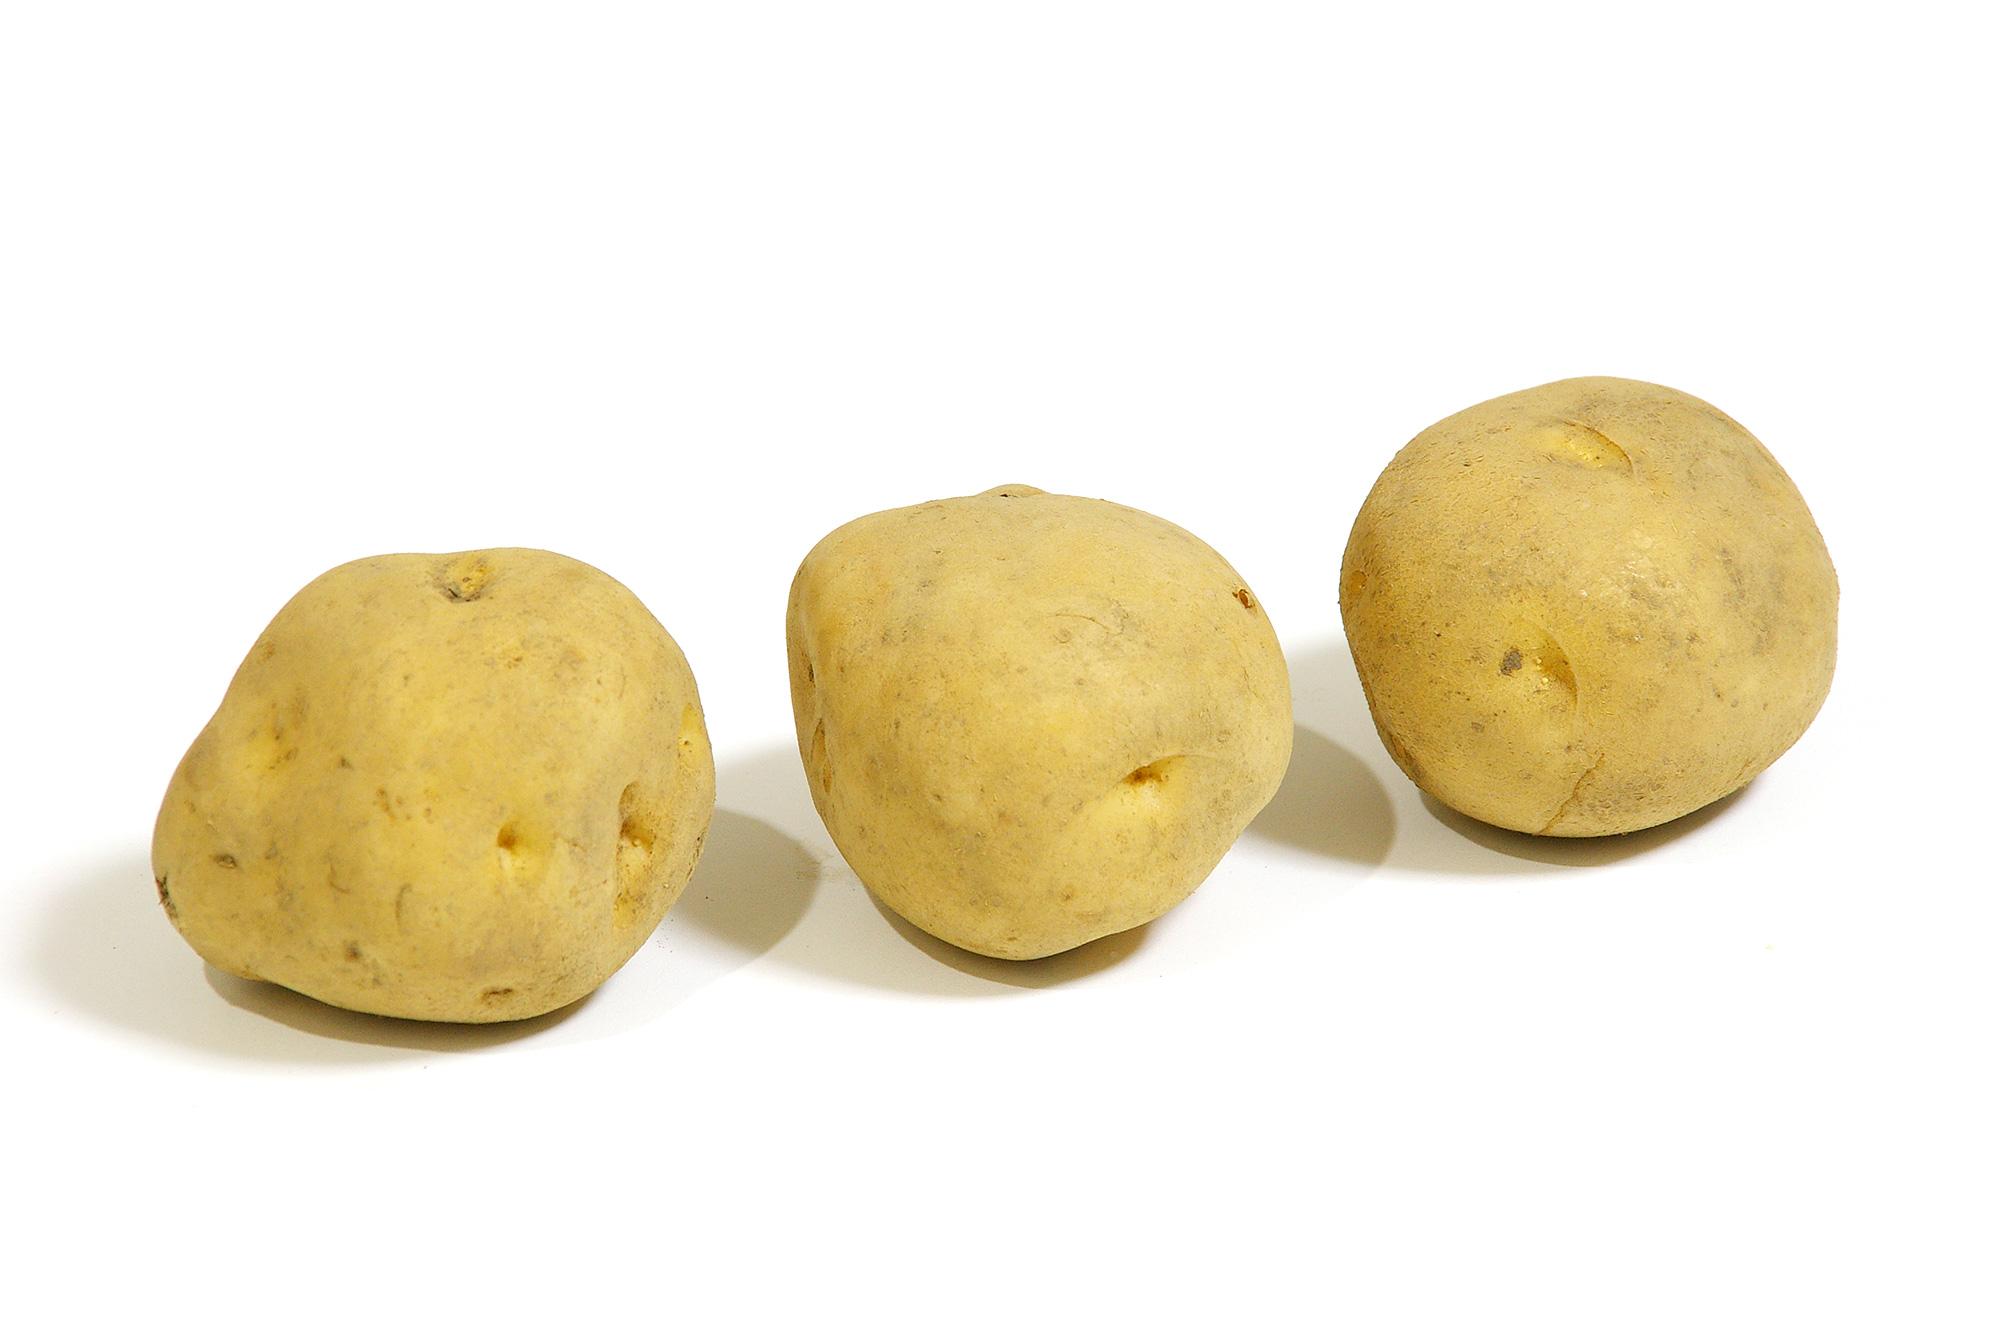 ジャガイモの写真のフリー素材